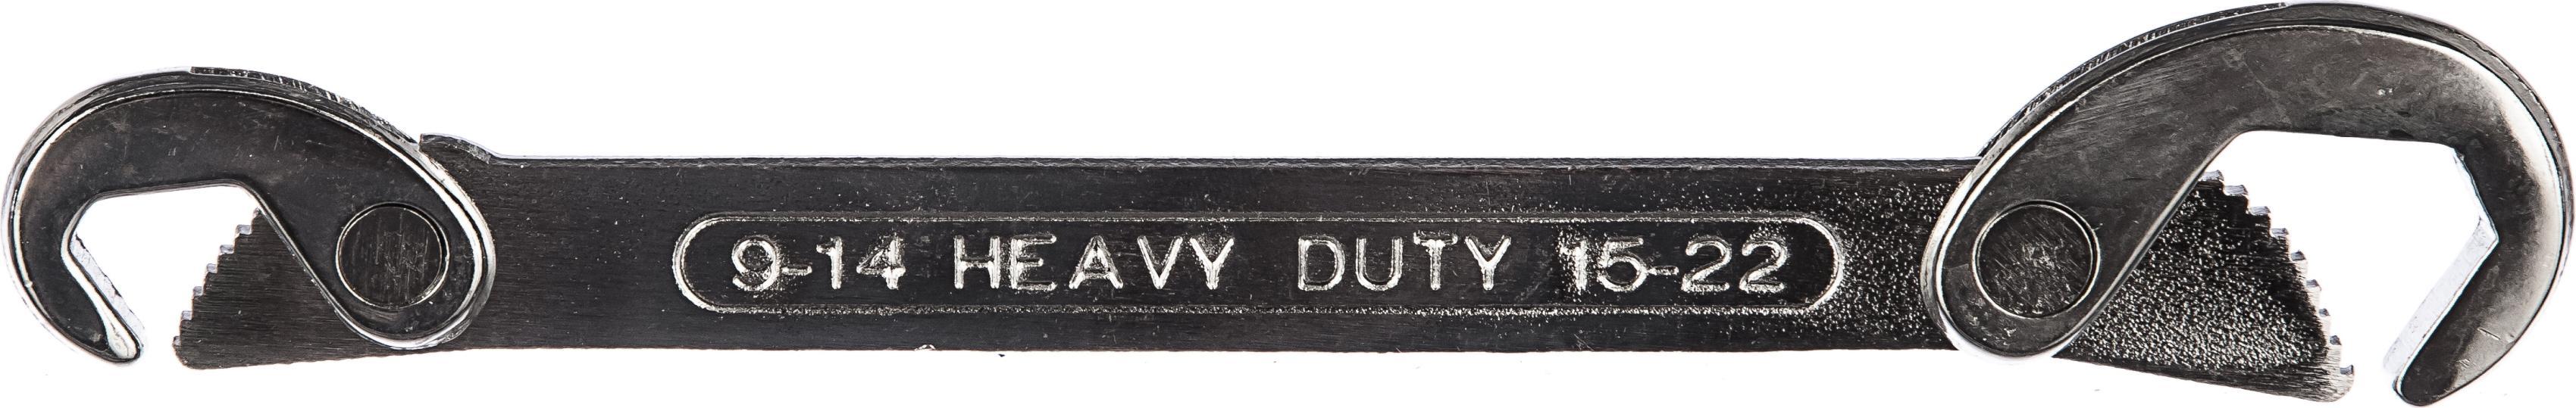 Картинка для Ключ трубный самозахватный Fit 63771 (9 / 22 мм)